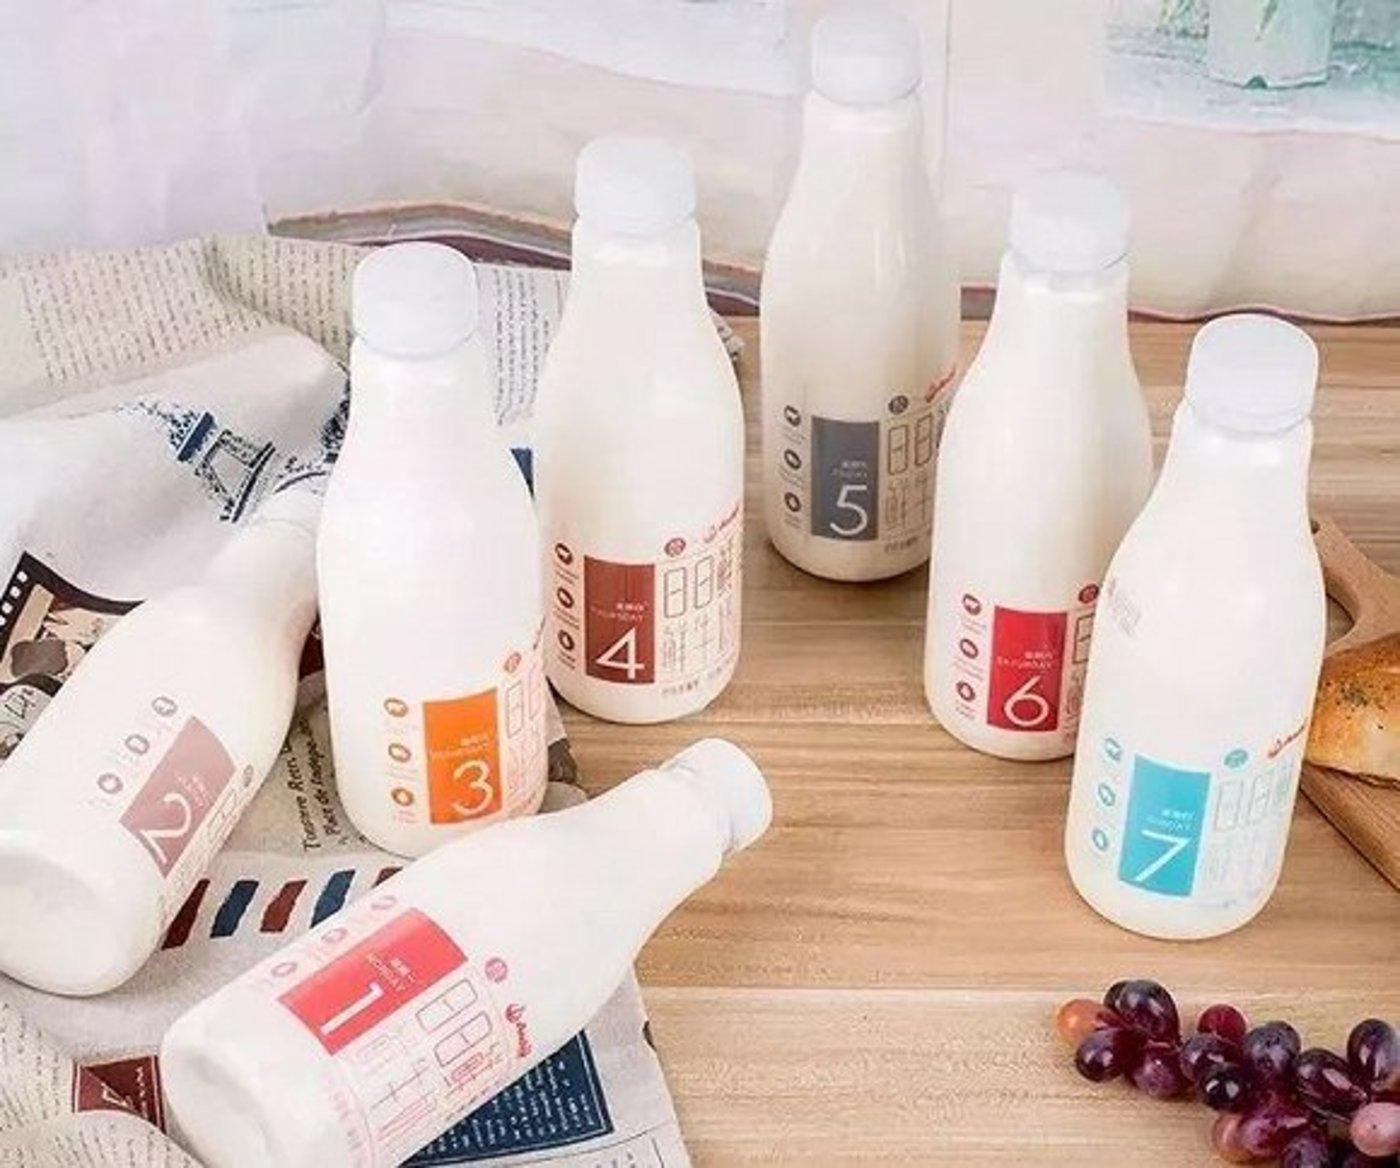 盒马与安佳联合推出的日日鲜牛奶